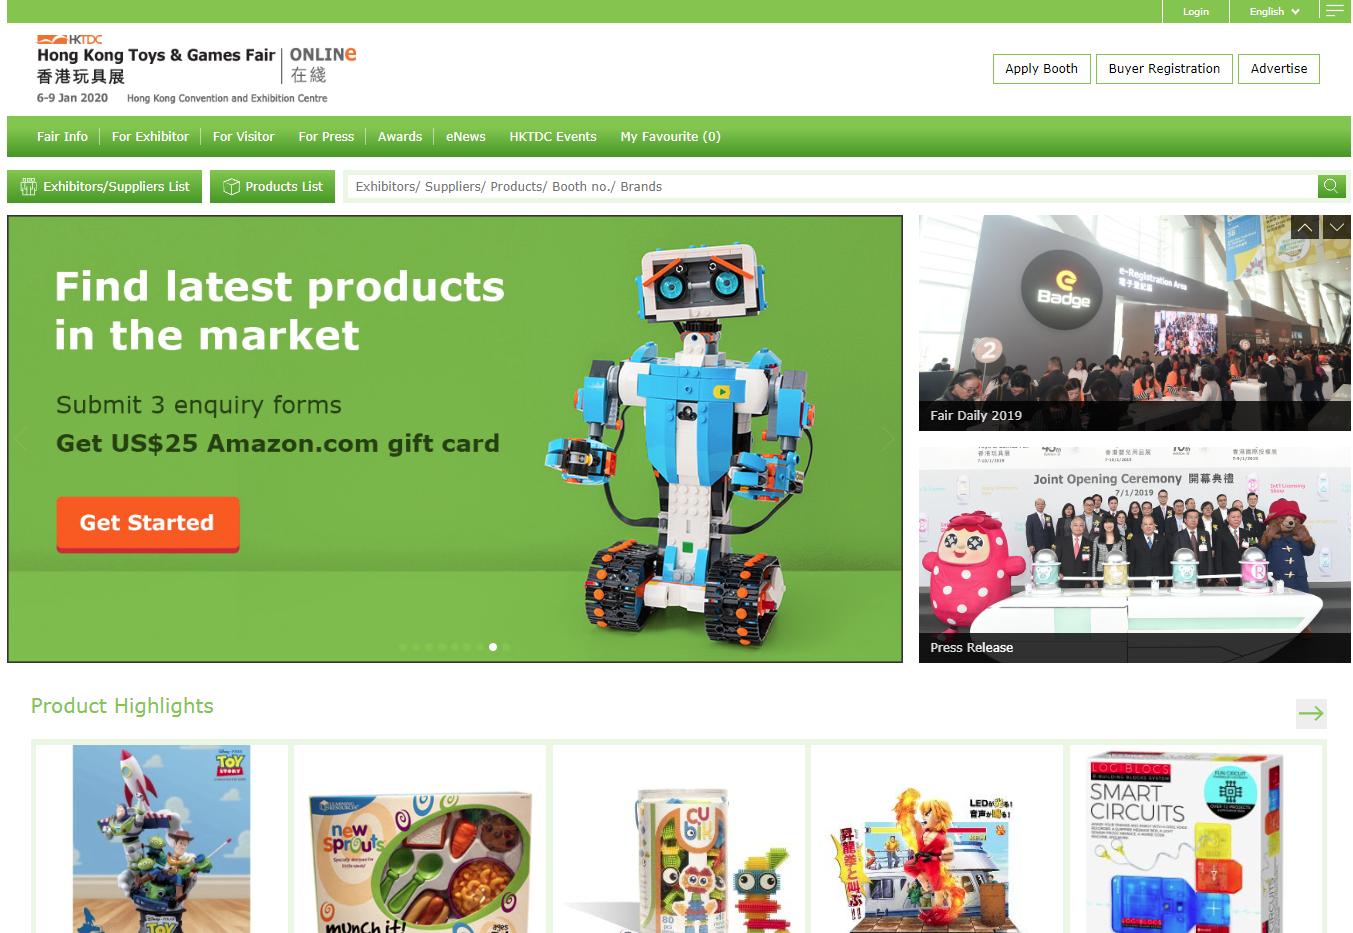 image of Hong Kong Trade Development Council Wins 2019 Best B2B Mobile Website, Best International Business Mobile Website, Best Toy & Hobby Mobile Website Mobile WebAward for HKTDC Hong Kong Toys & Games Fair (Online)